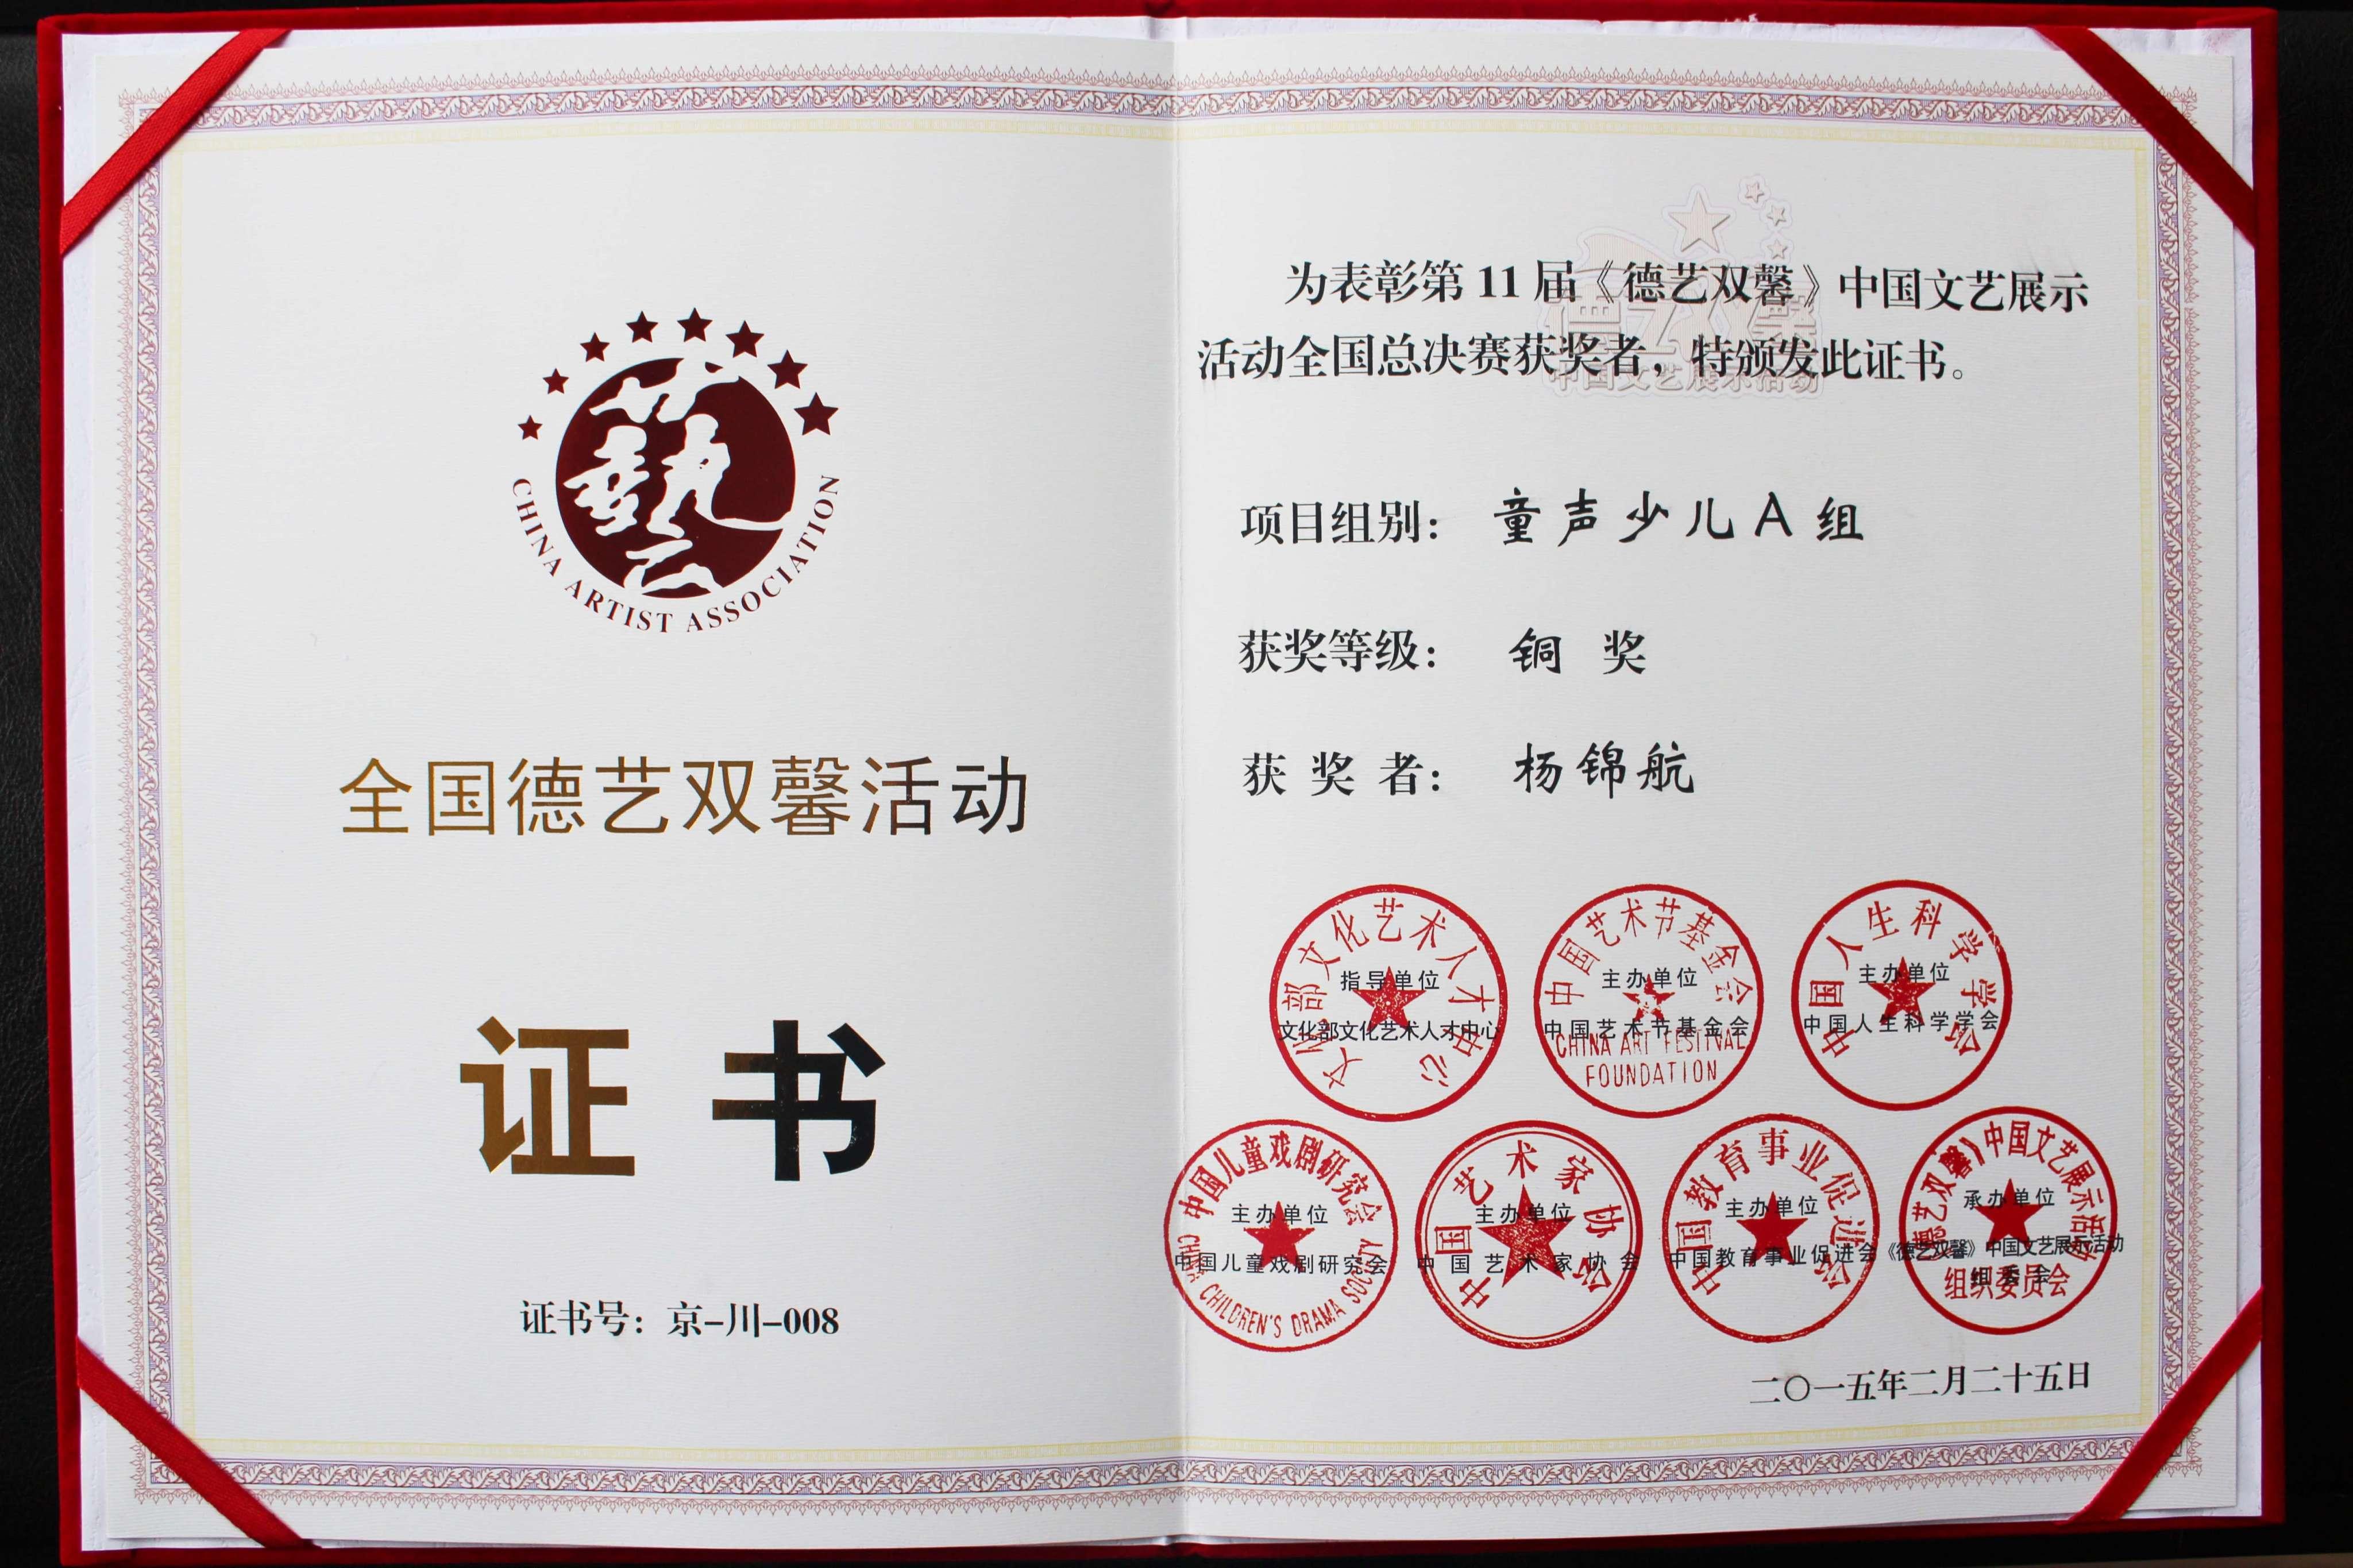 杨锦航·德艺双馨奖章